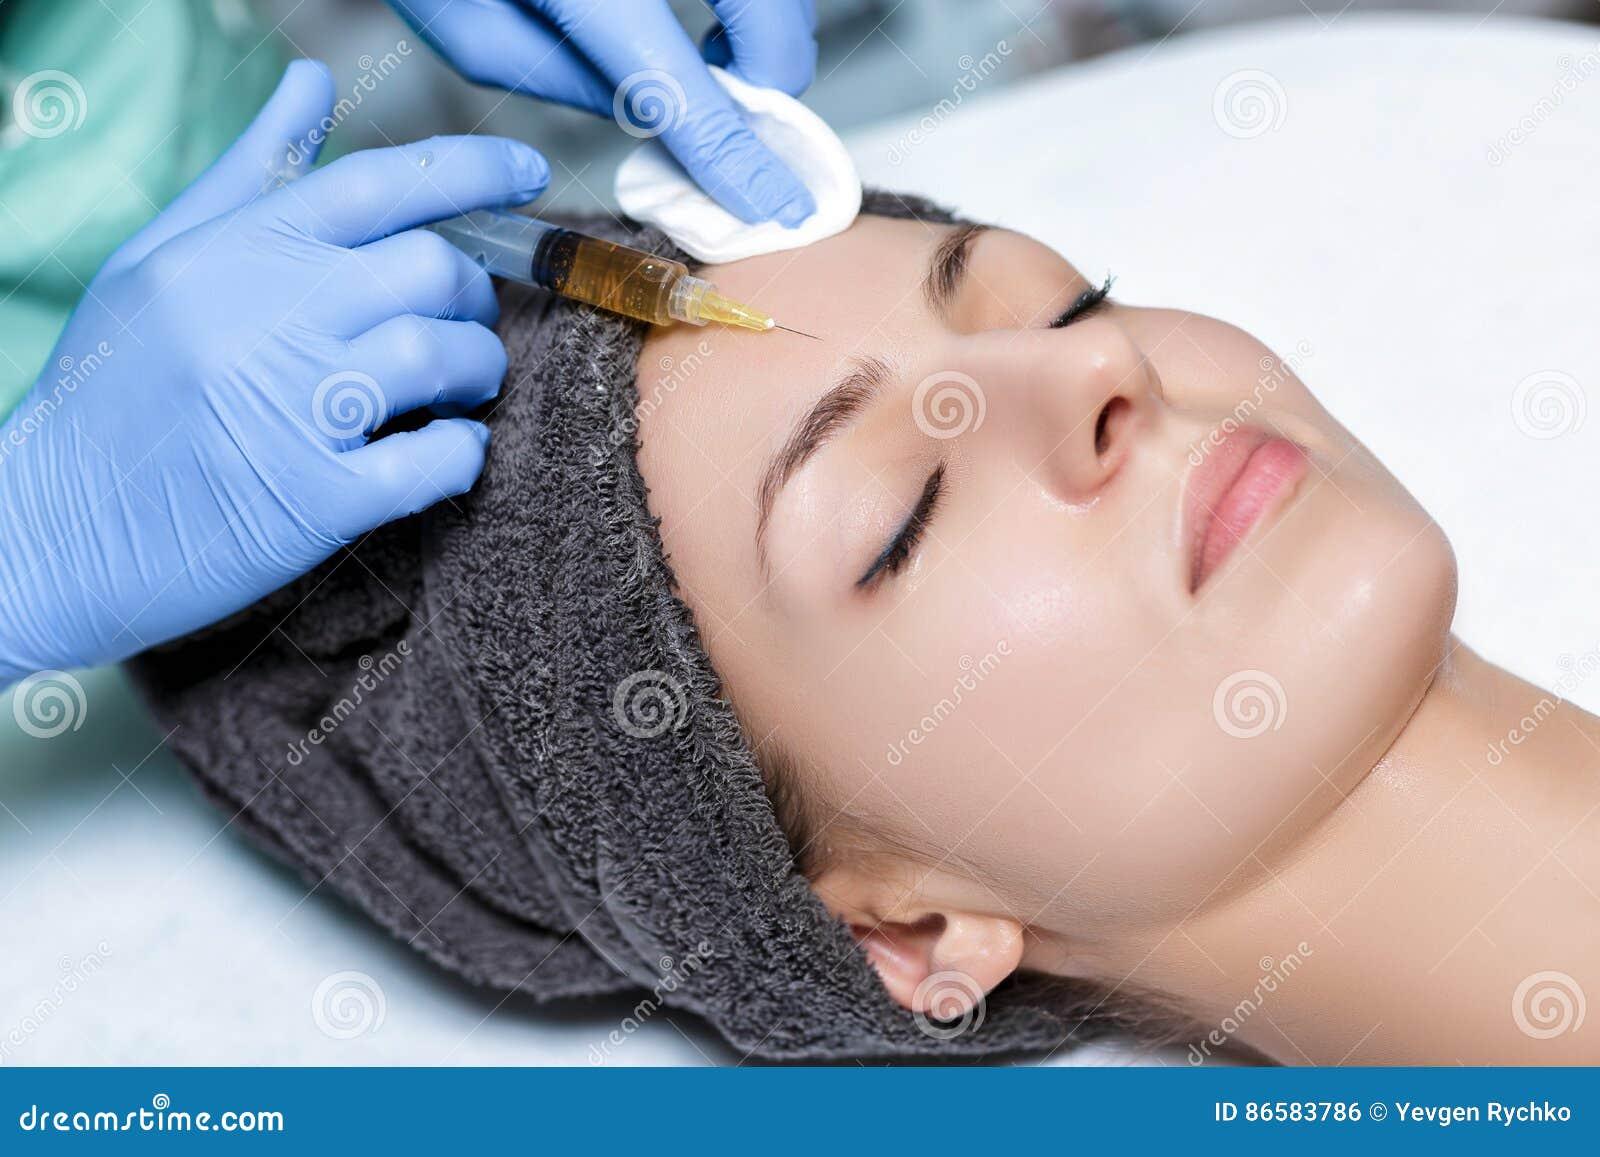 TillvägagångssättPlasmolifting injektion plasmainjektion in i hudnolla